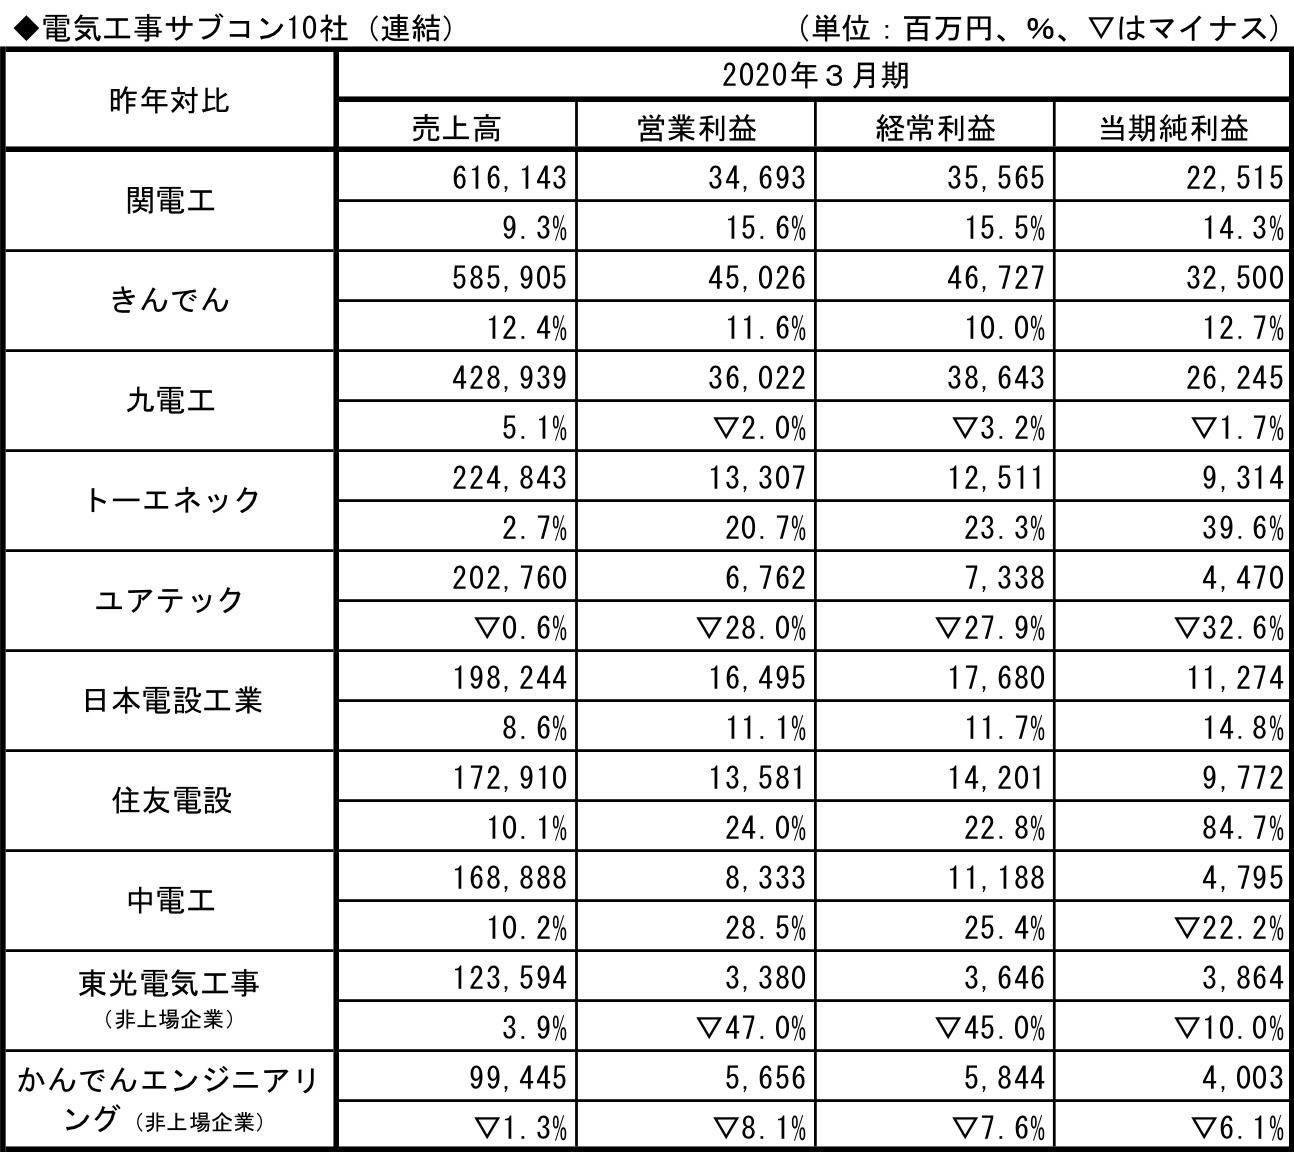 電気工事サブコン10社